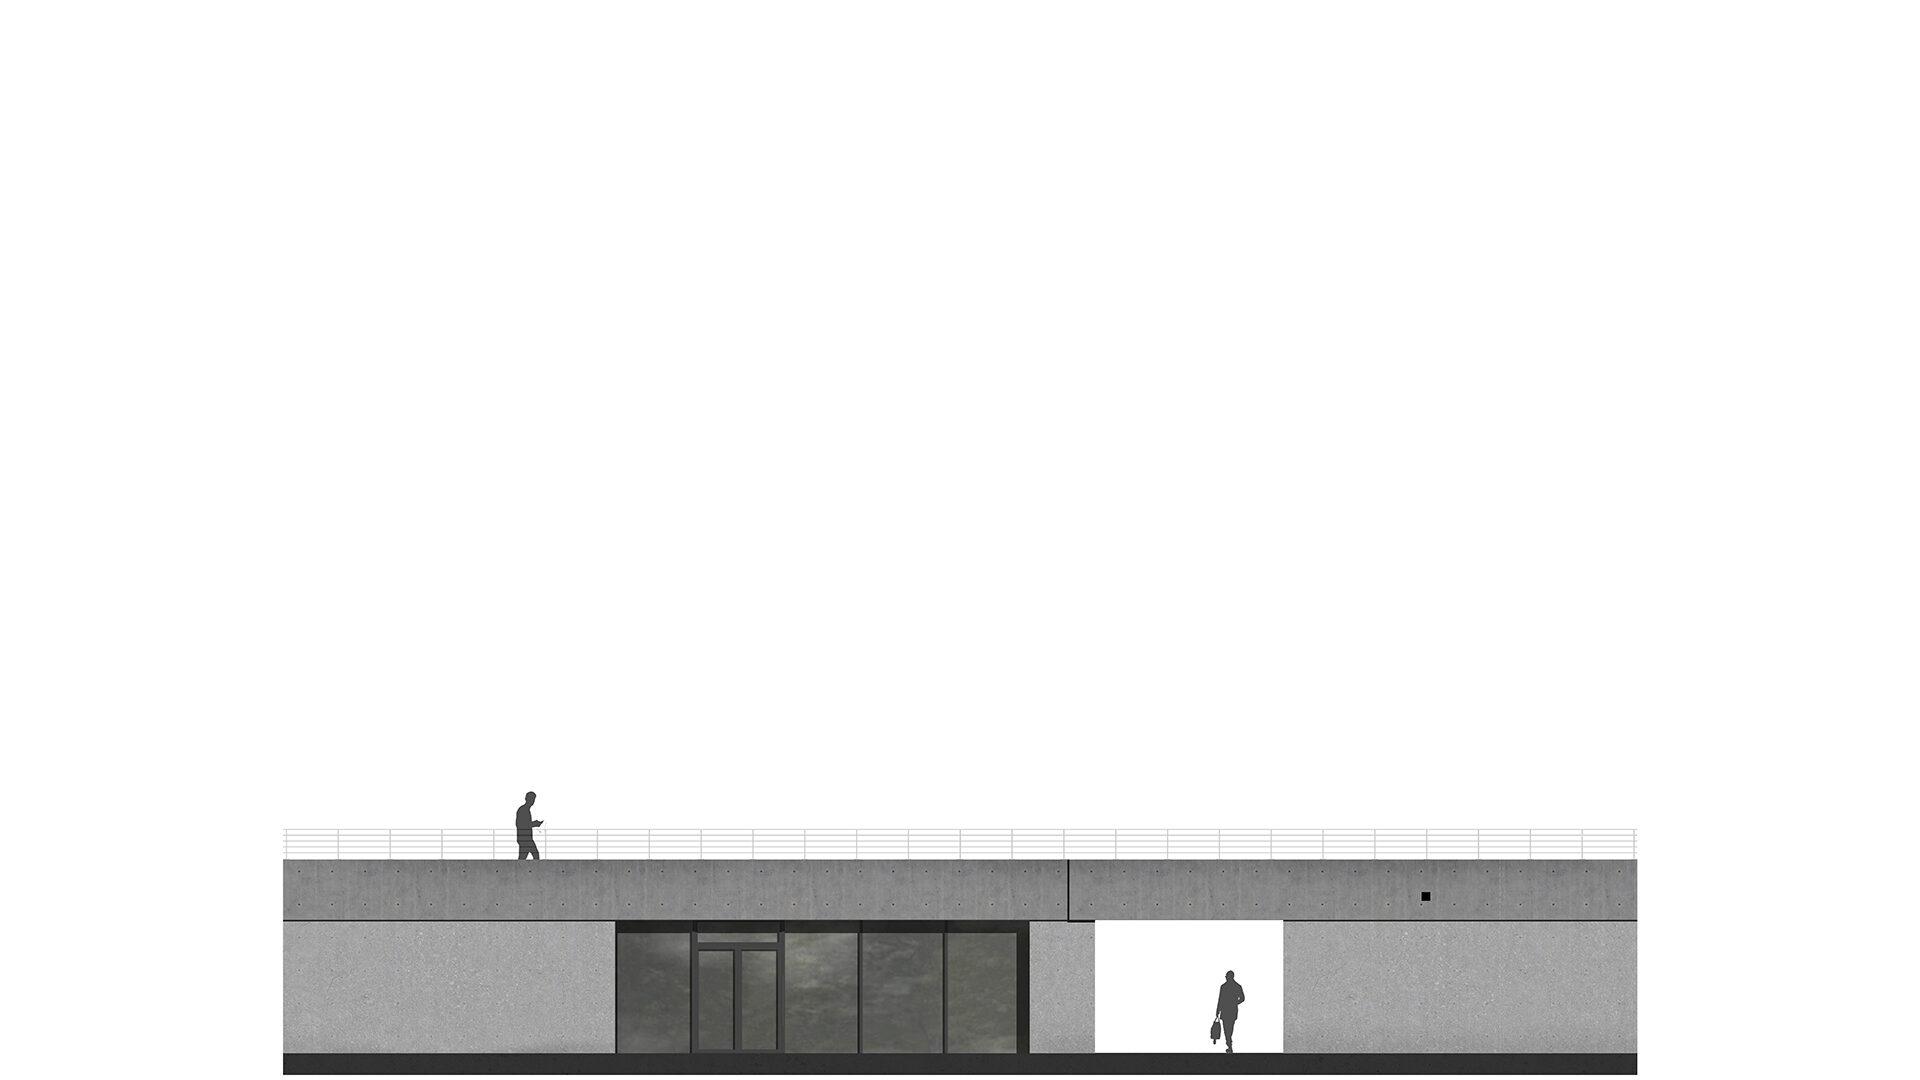 Belveder Hubland Würzburg | Sauerzapfe Architekten